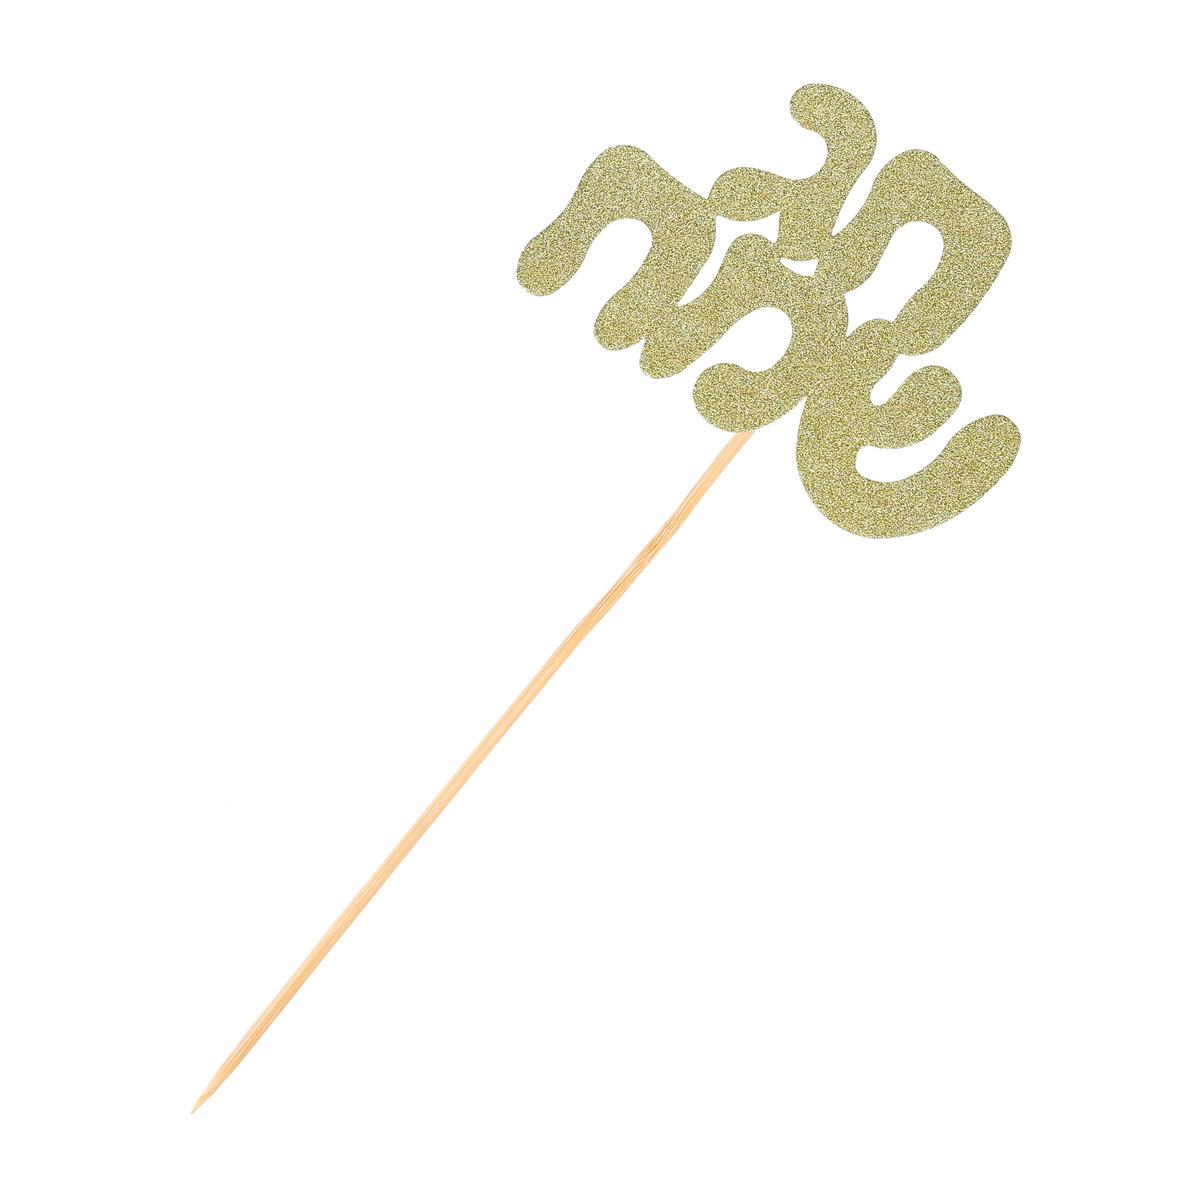 טופר שיפוד חג שמח זהב מנצנץ - ארוז 6 יחידות